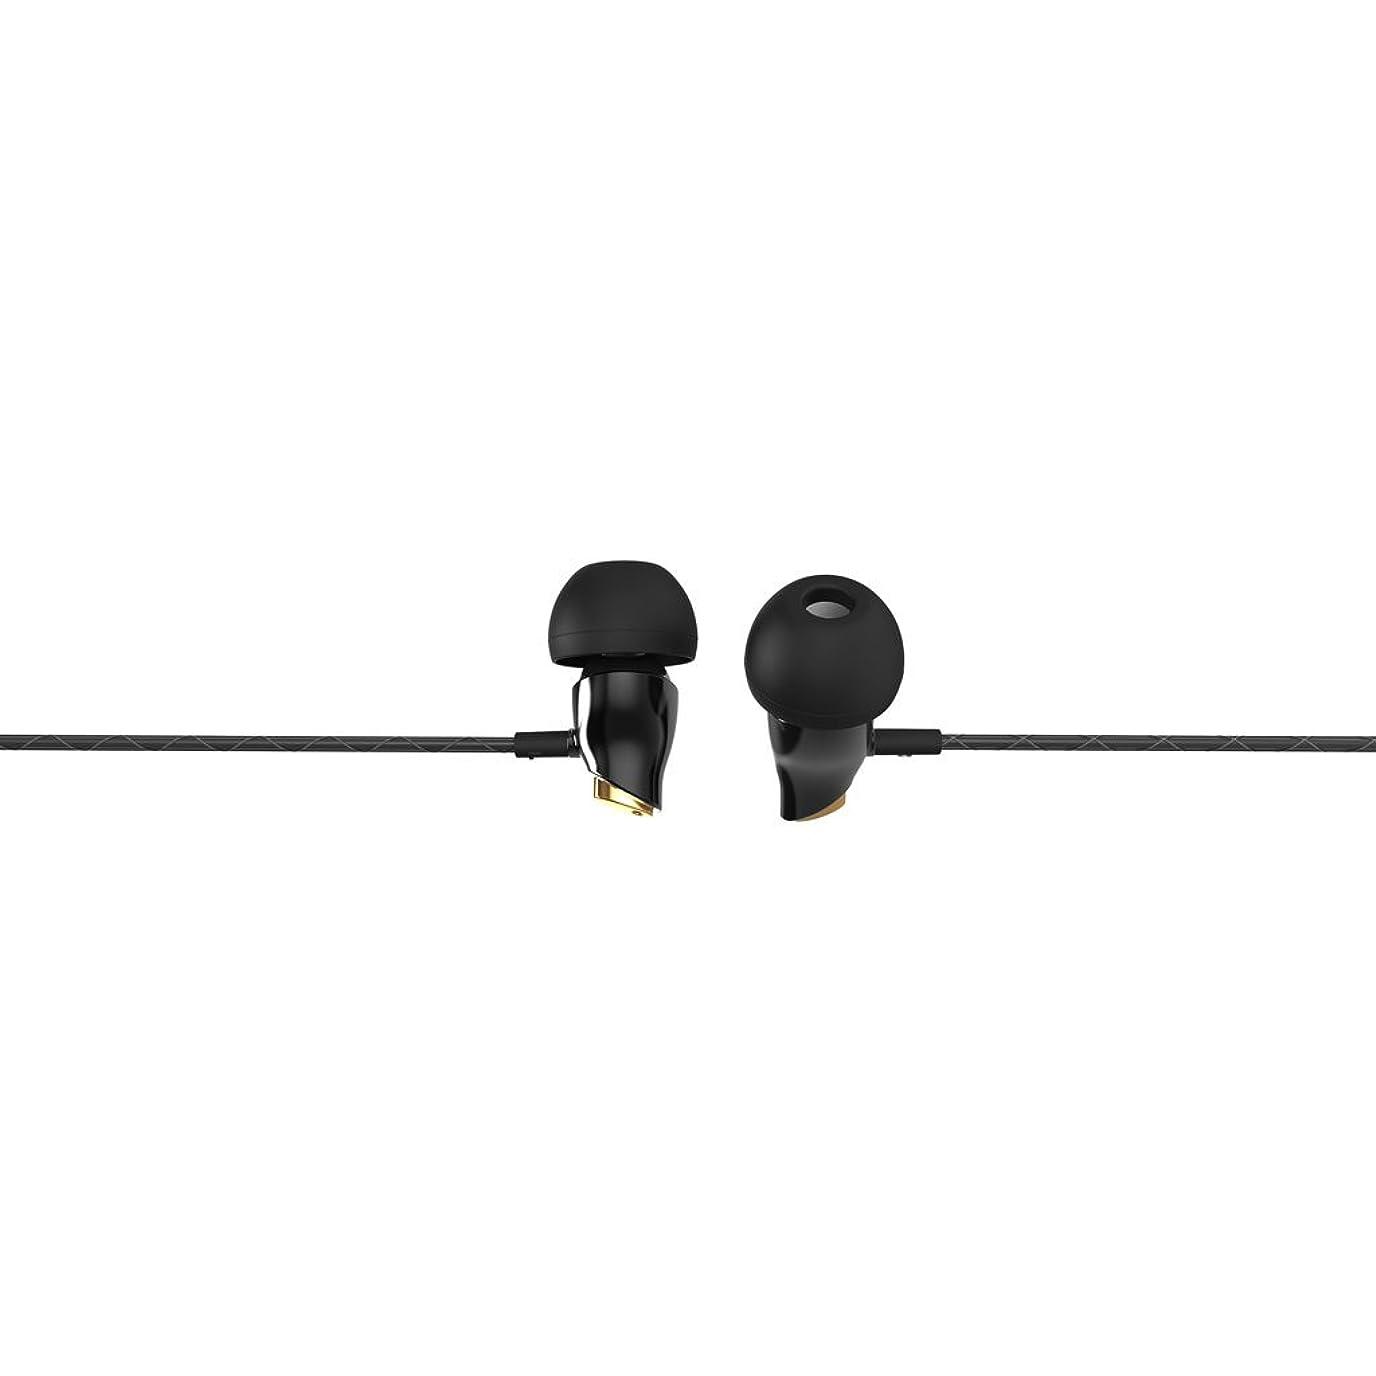 ハンサムにもかかわらず砂B Baosity 耳の低音スポーツのデジタルC型セラミックは、携帯電話のブラック用ヘッドフォンを打ちます - ケーブル長:1.2m